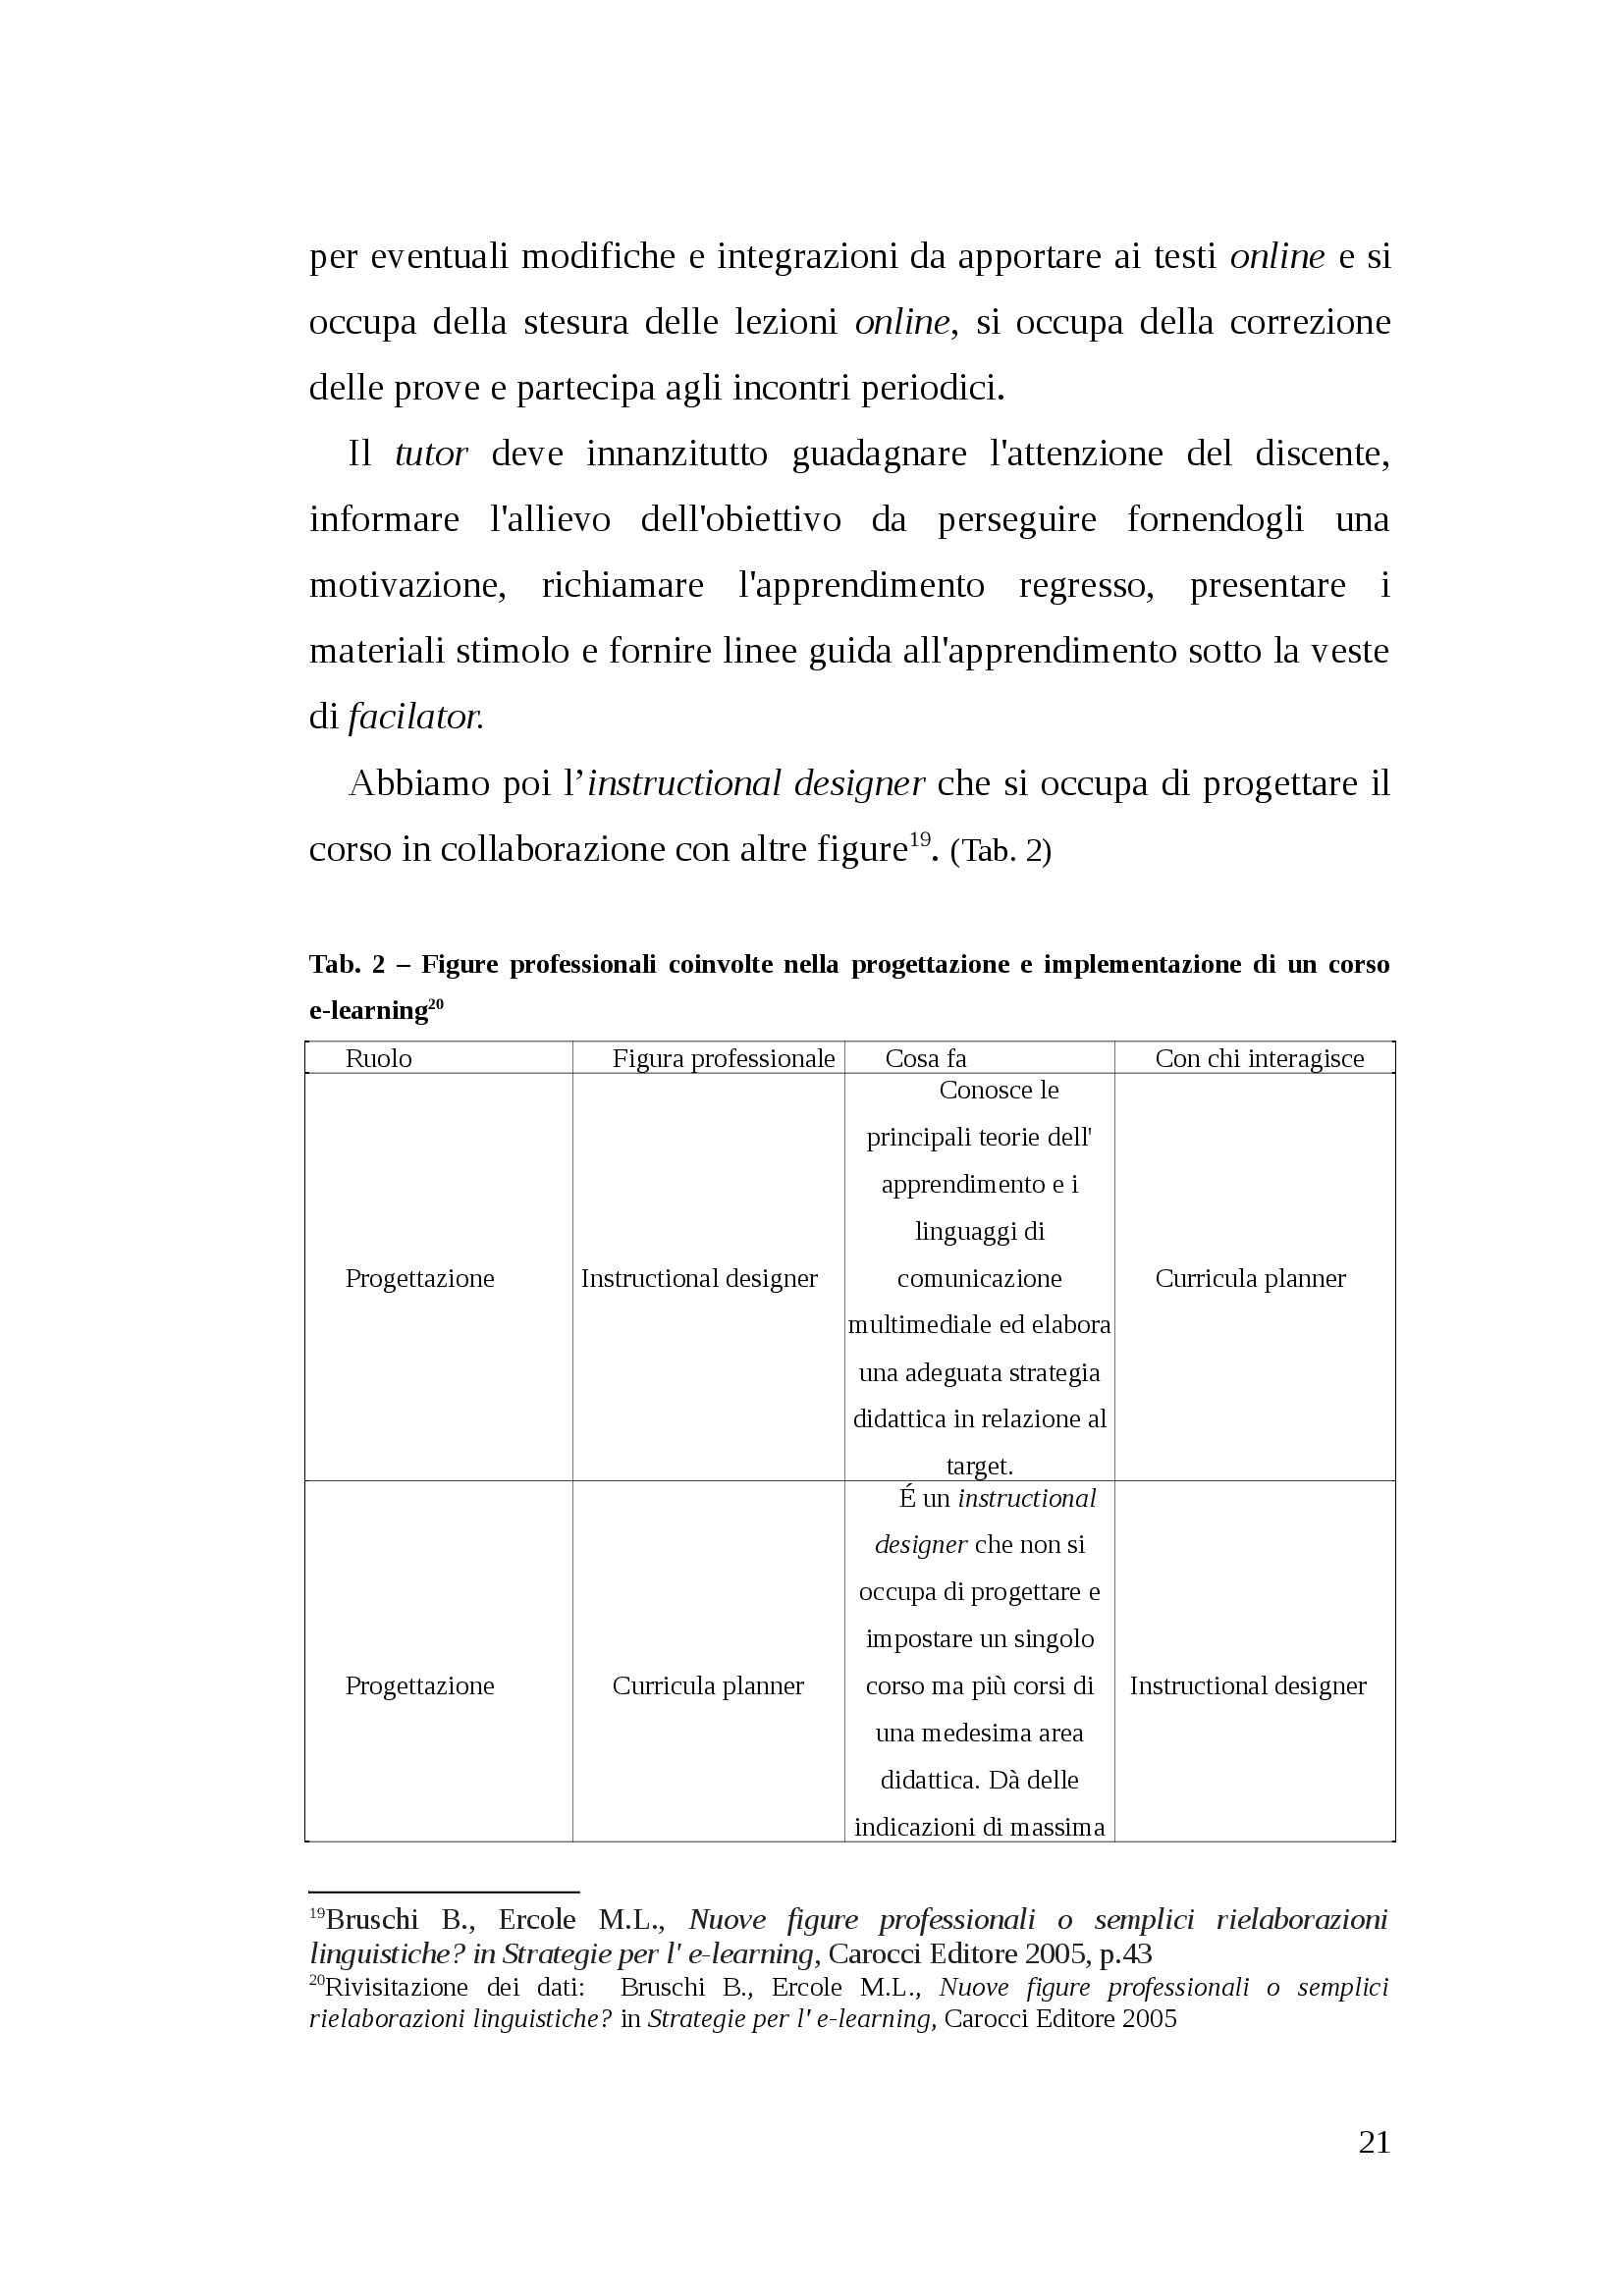 Tesi - Ambienti di apprendimento universitari Second Life Pag. 21